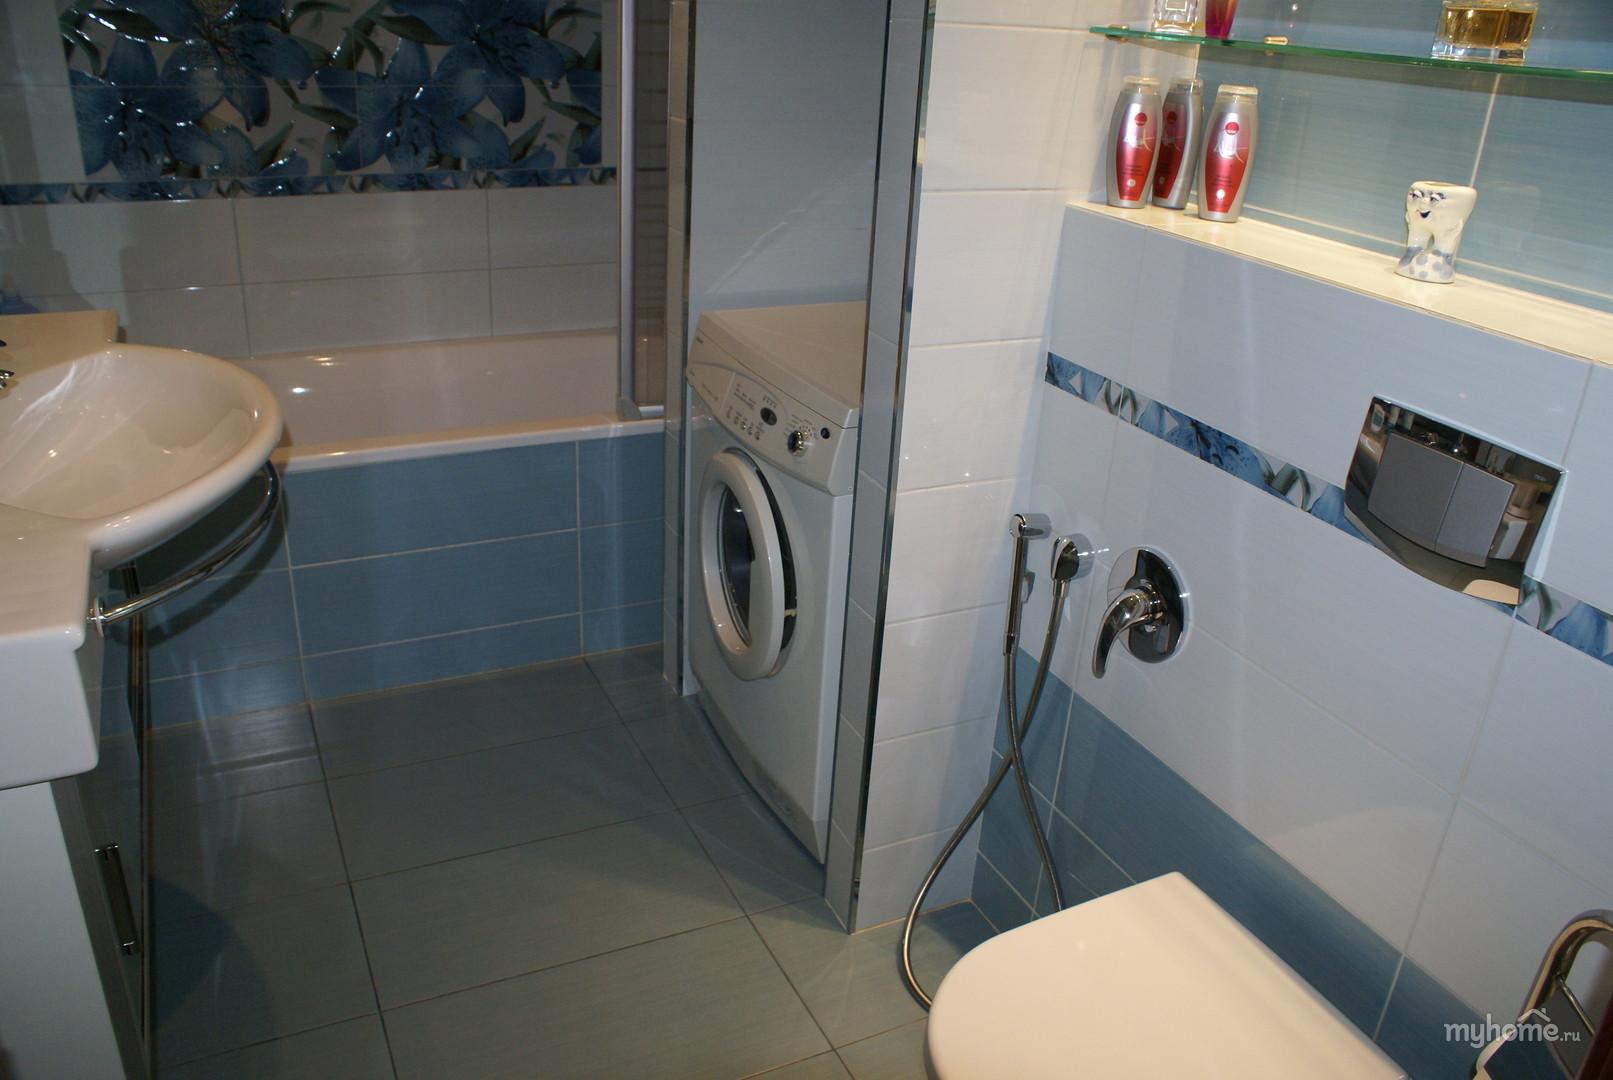 Планировка ванной комнаты фото3